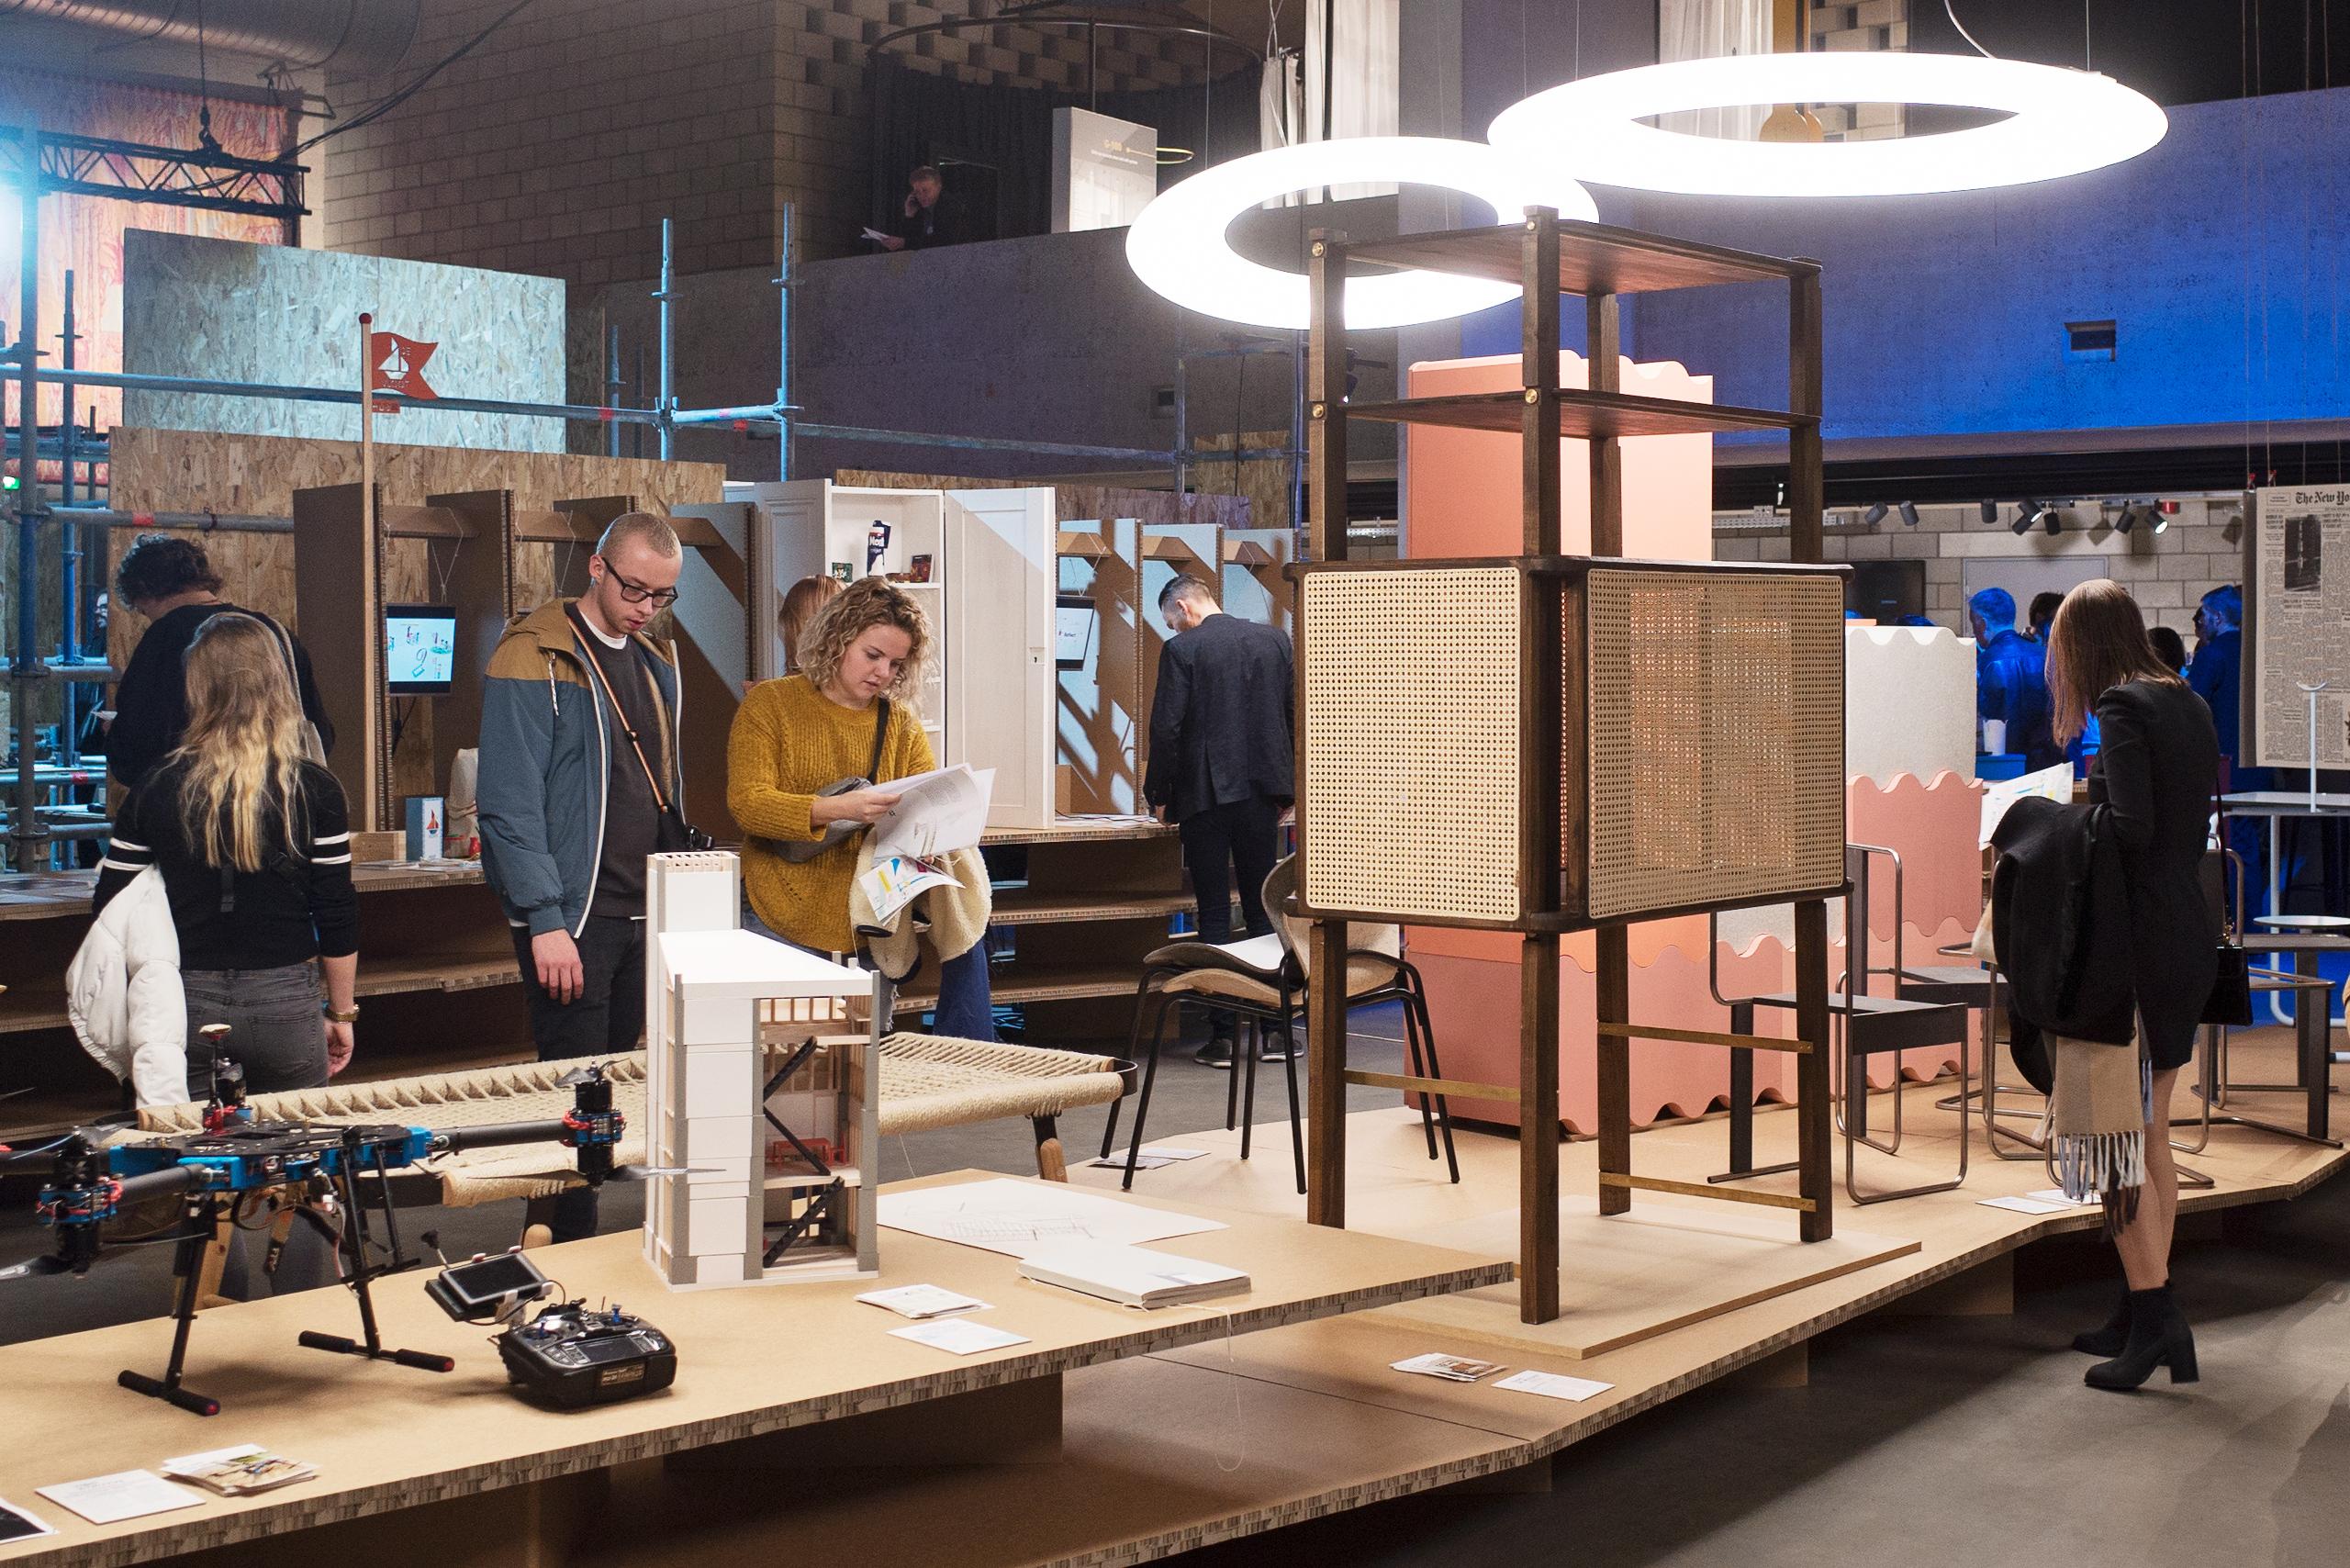 Visiting the Kortrijk Creativity Week in Belgium